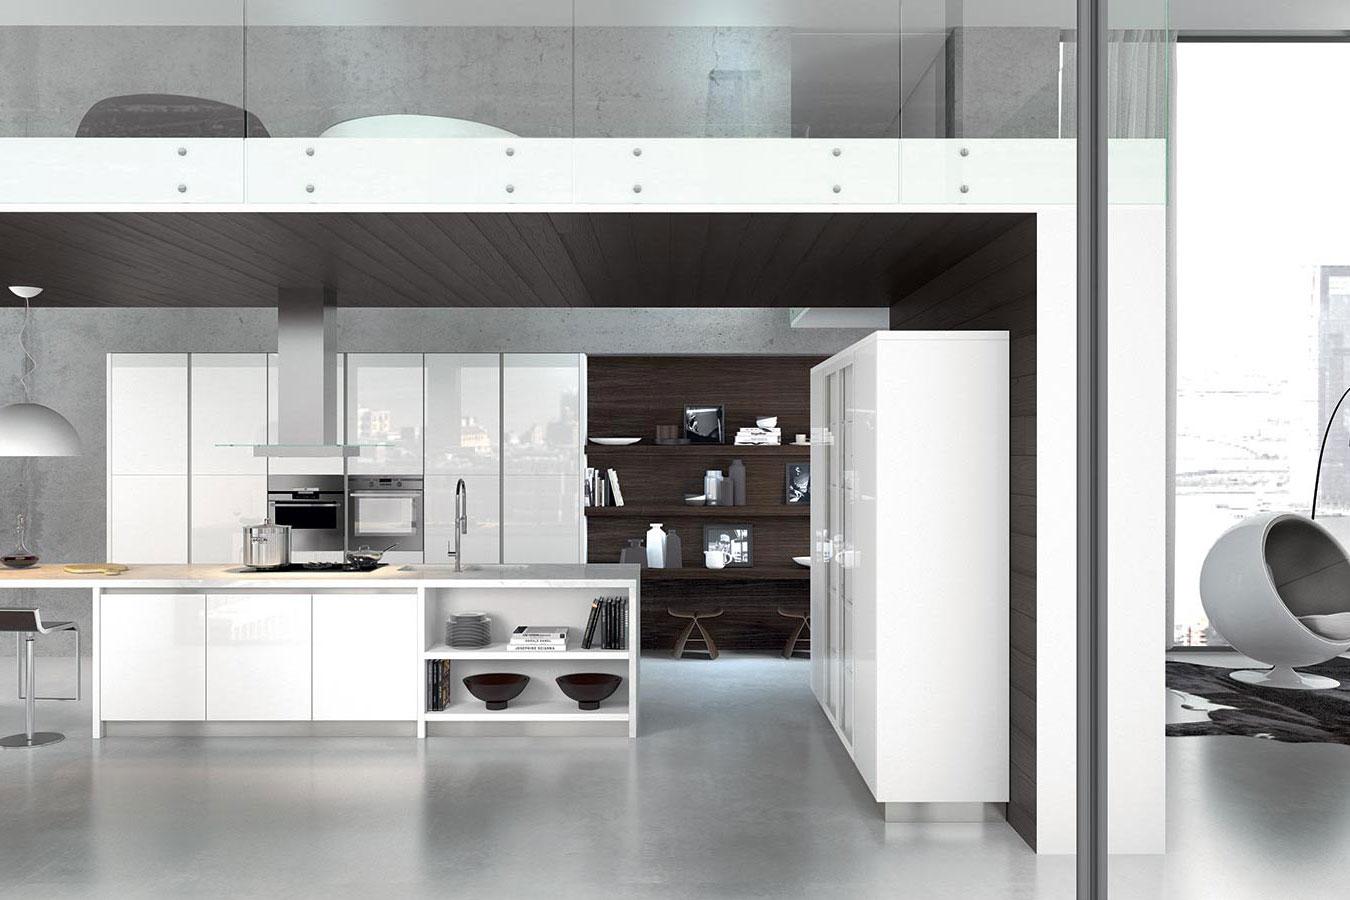 Mobili Per Cucina Moderna.Cucina Moderna Bianca Come Renderla Unica Righetti